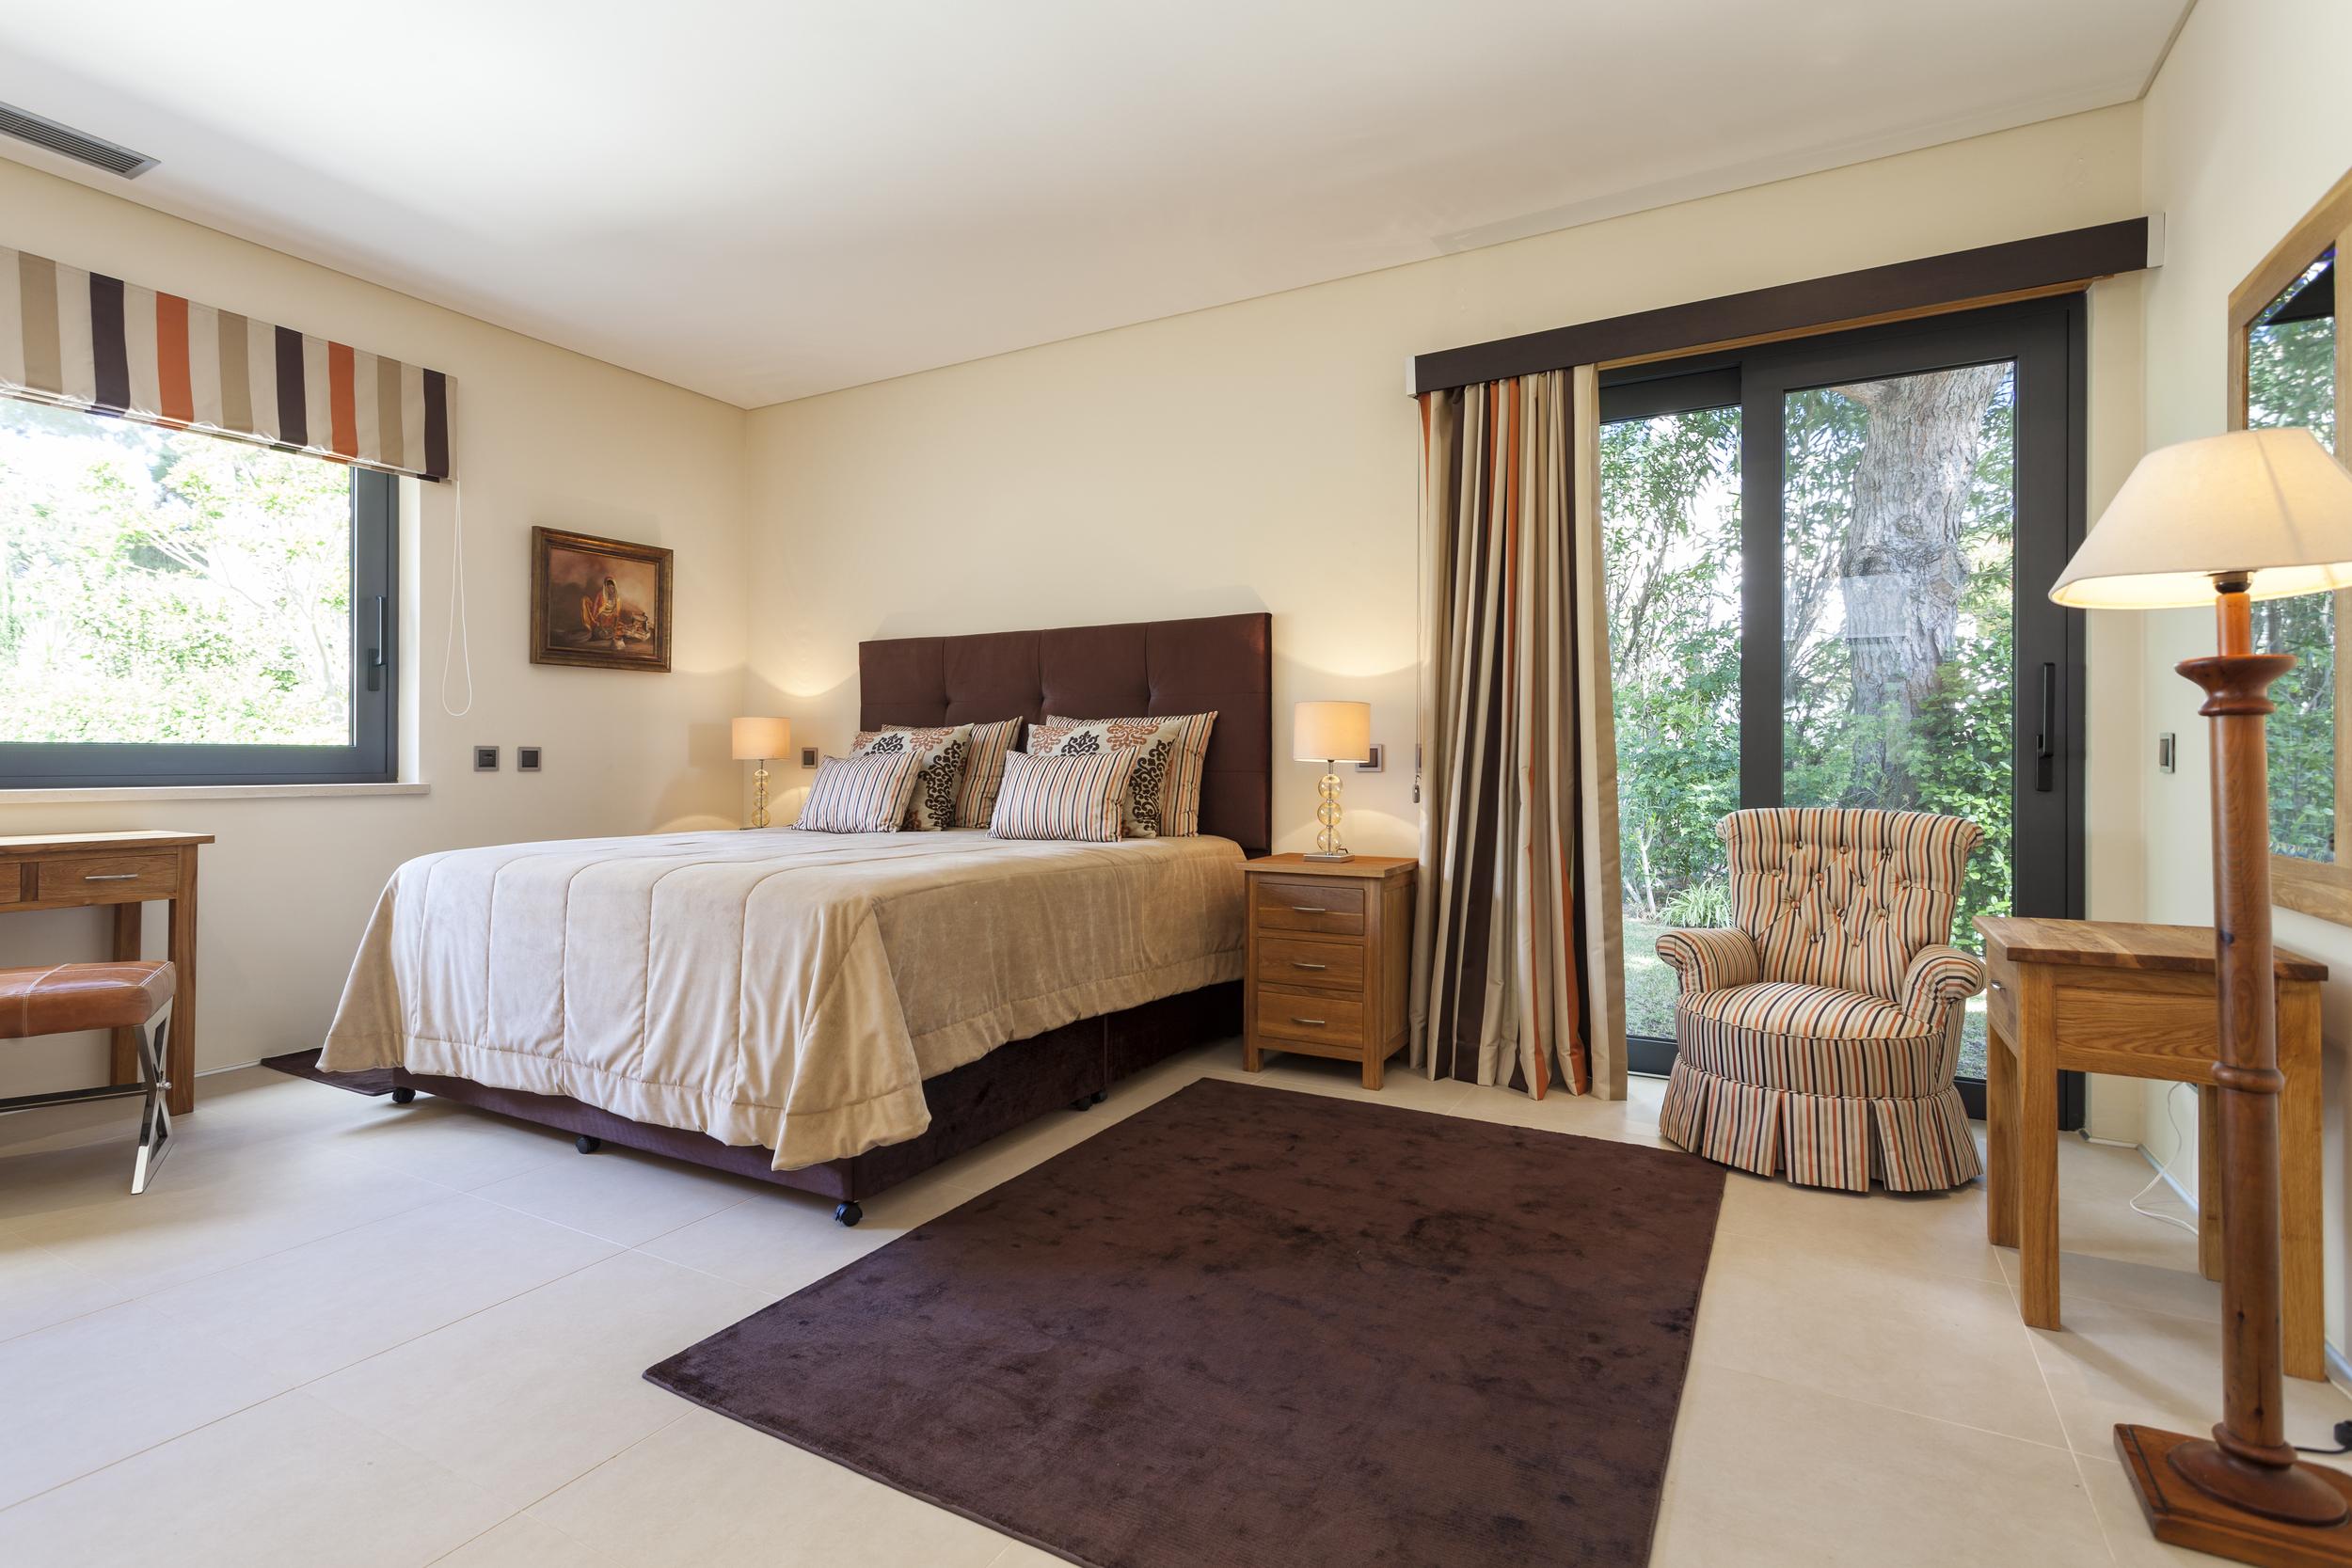 4 bedroom villa to rent in Quinta do Lago, RLV, Villa Serpentine, 2.jpg